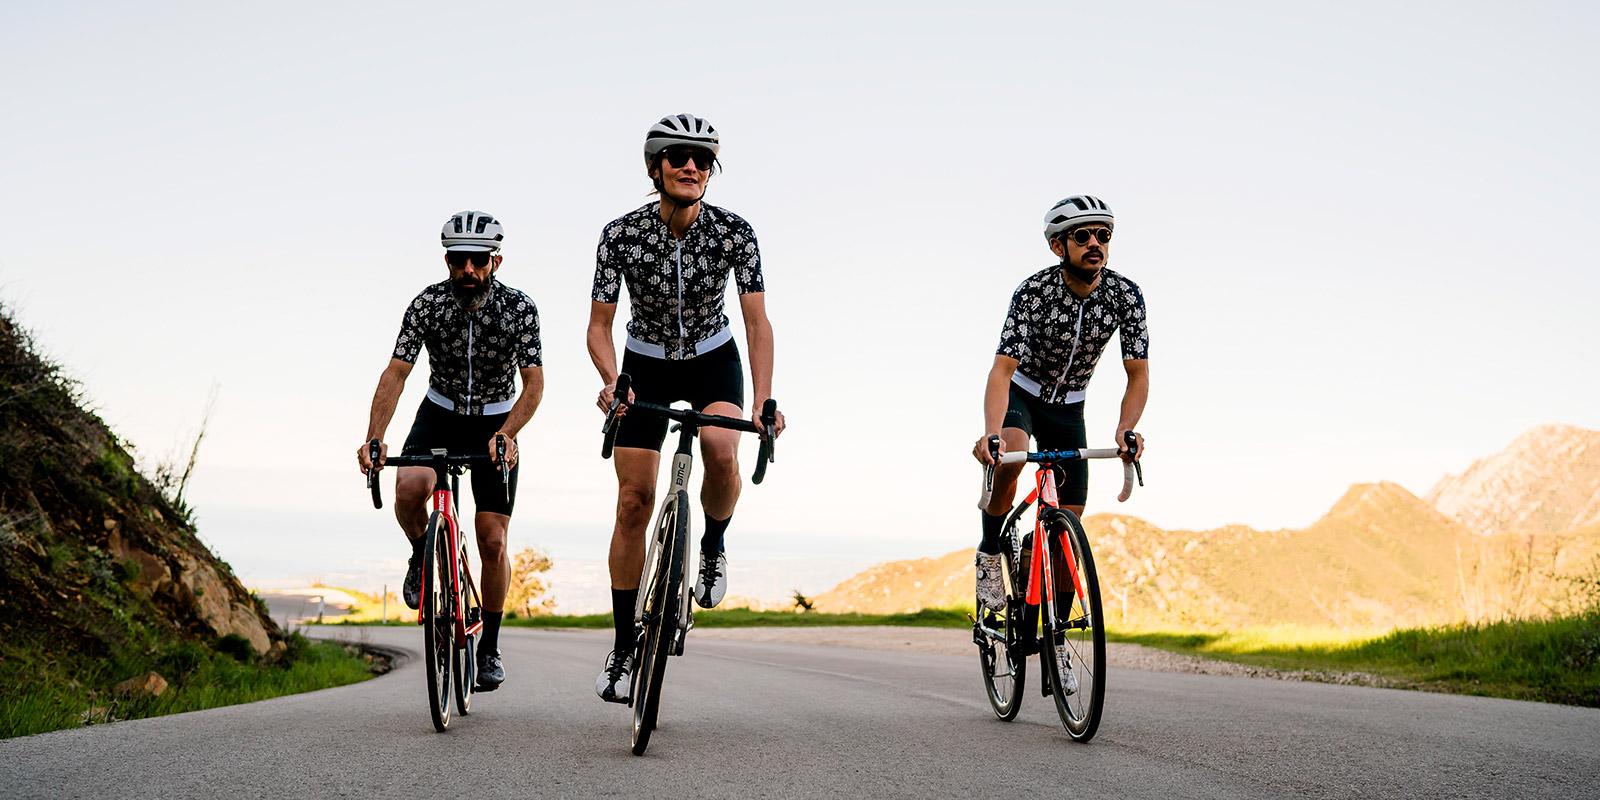 Café du Cycliste Launches Atelier Collection 7